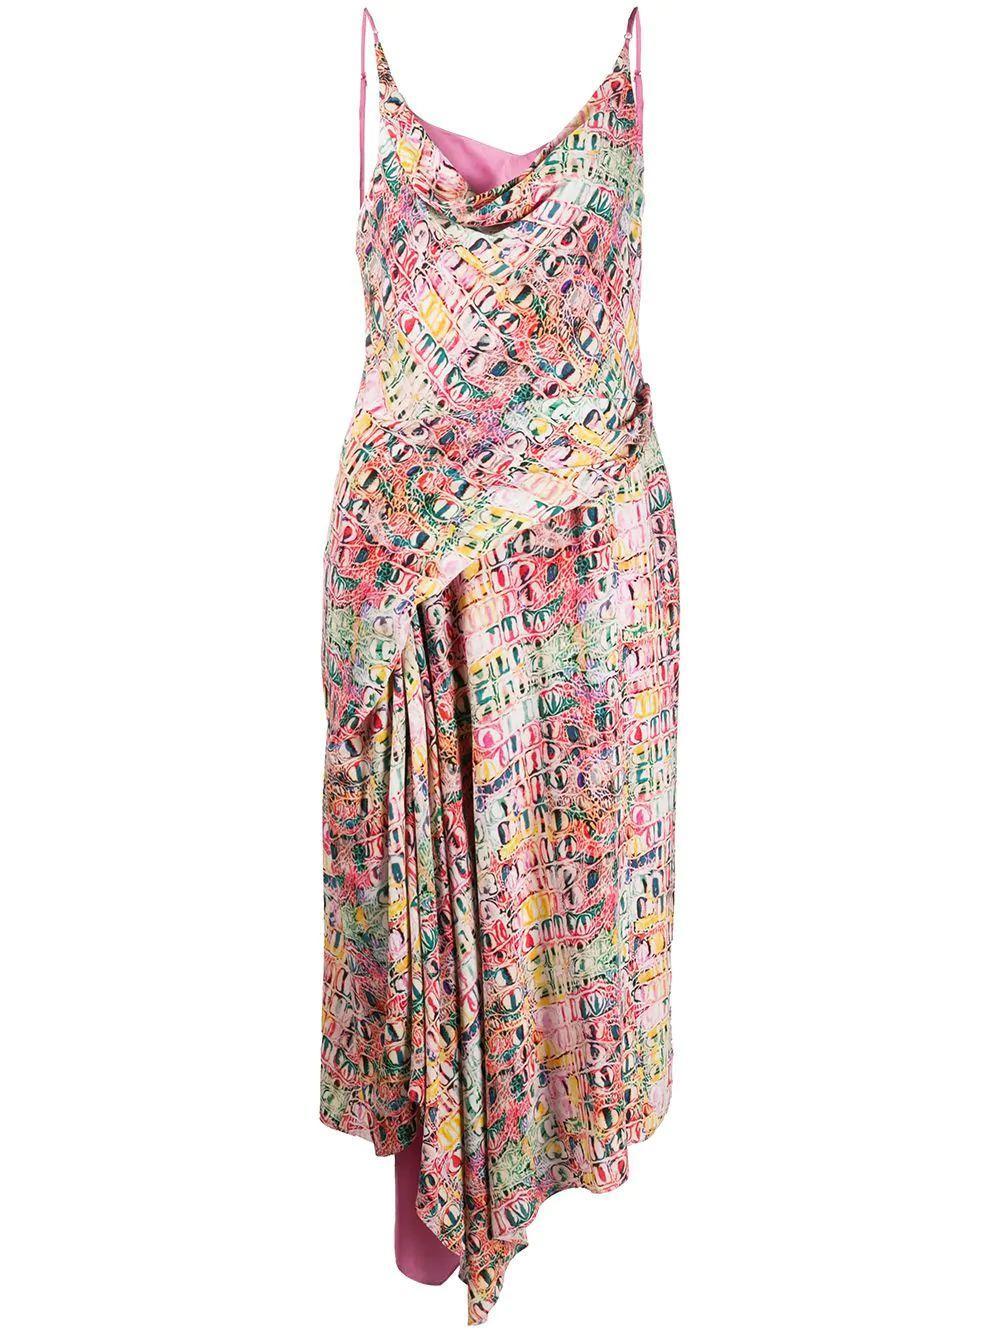 Farrah Croco Print Dress Item # 16GC5277-117327272